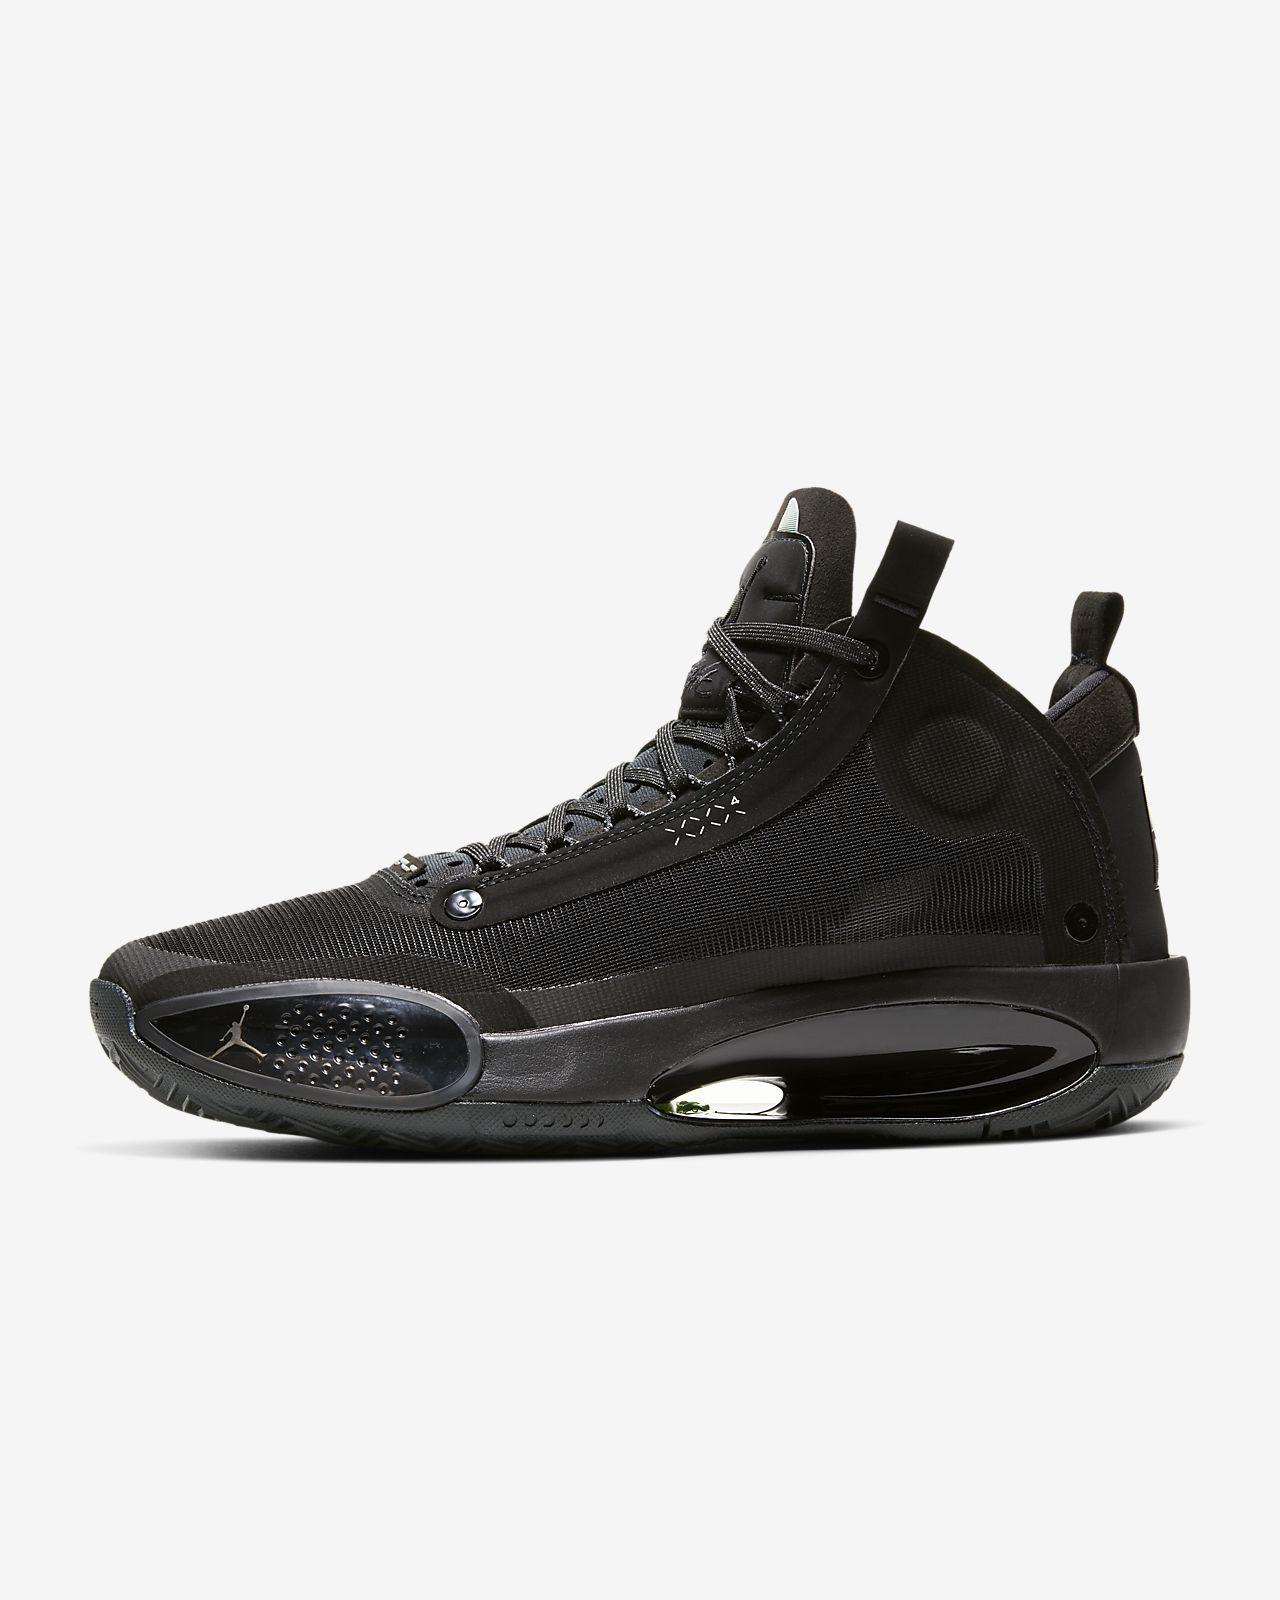 jordan flight 45, Nike Store Firenze Air Jordan Retro